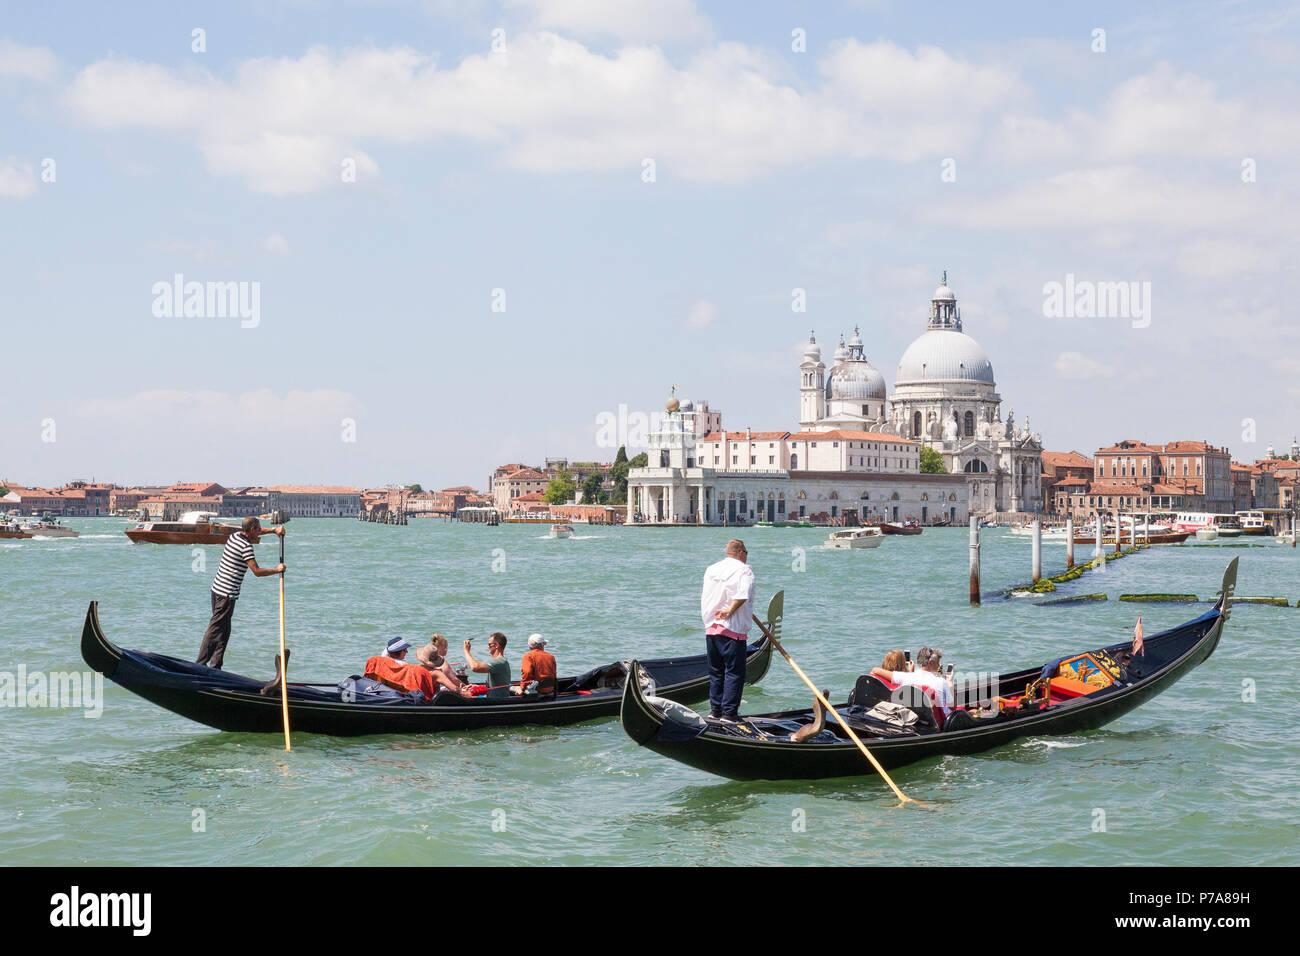 Two gondoliers rowing tourists in gondolas St Marks Basin, Venice, Veneto, Italy with Punta della Dogana and Basilica di Santa Maria della Salute - Stock Image